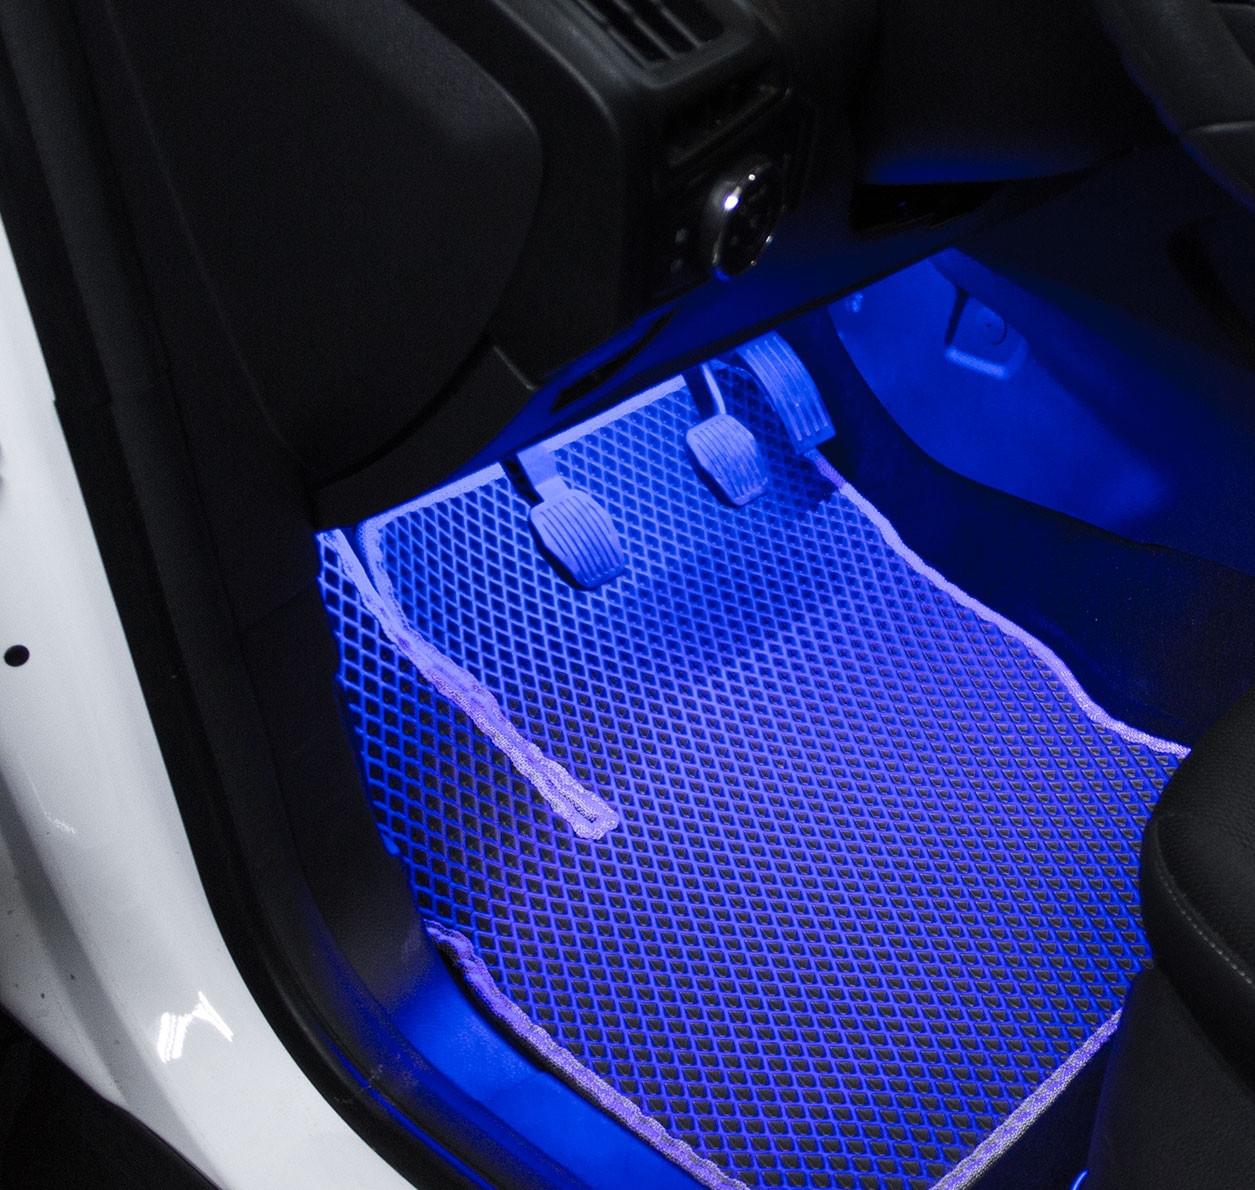 Автоковрики для Ford Focus III (2011->) eva коврики от ТМ EvaKovrik